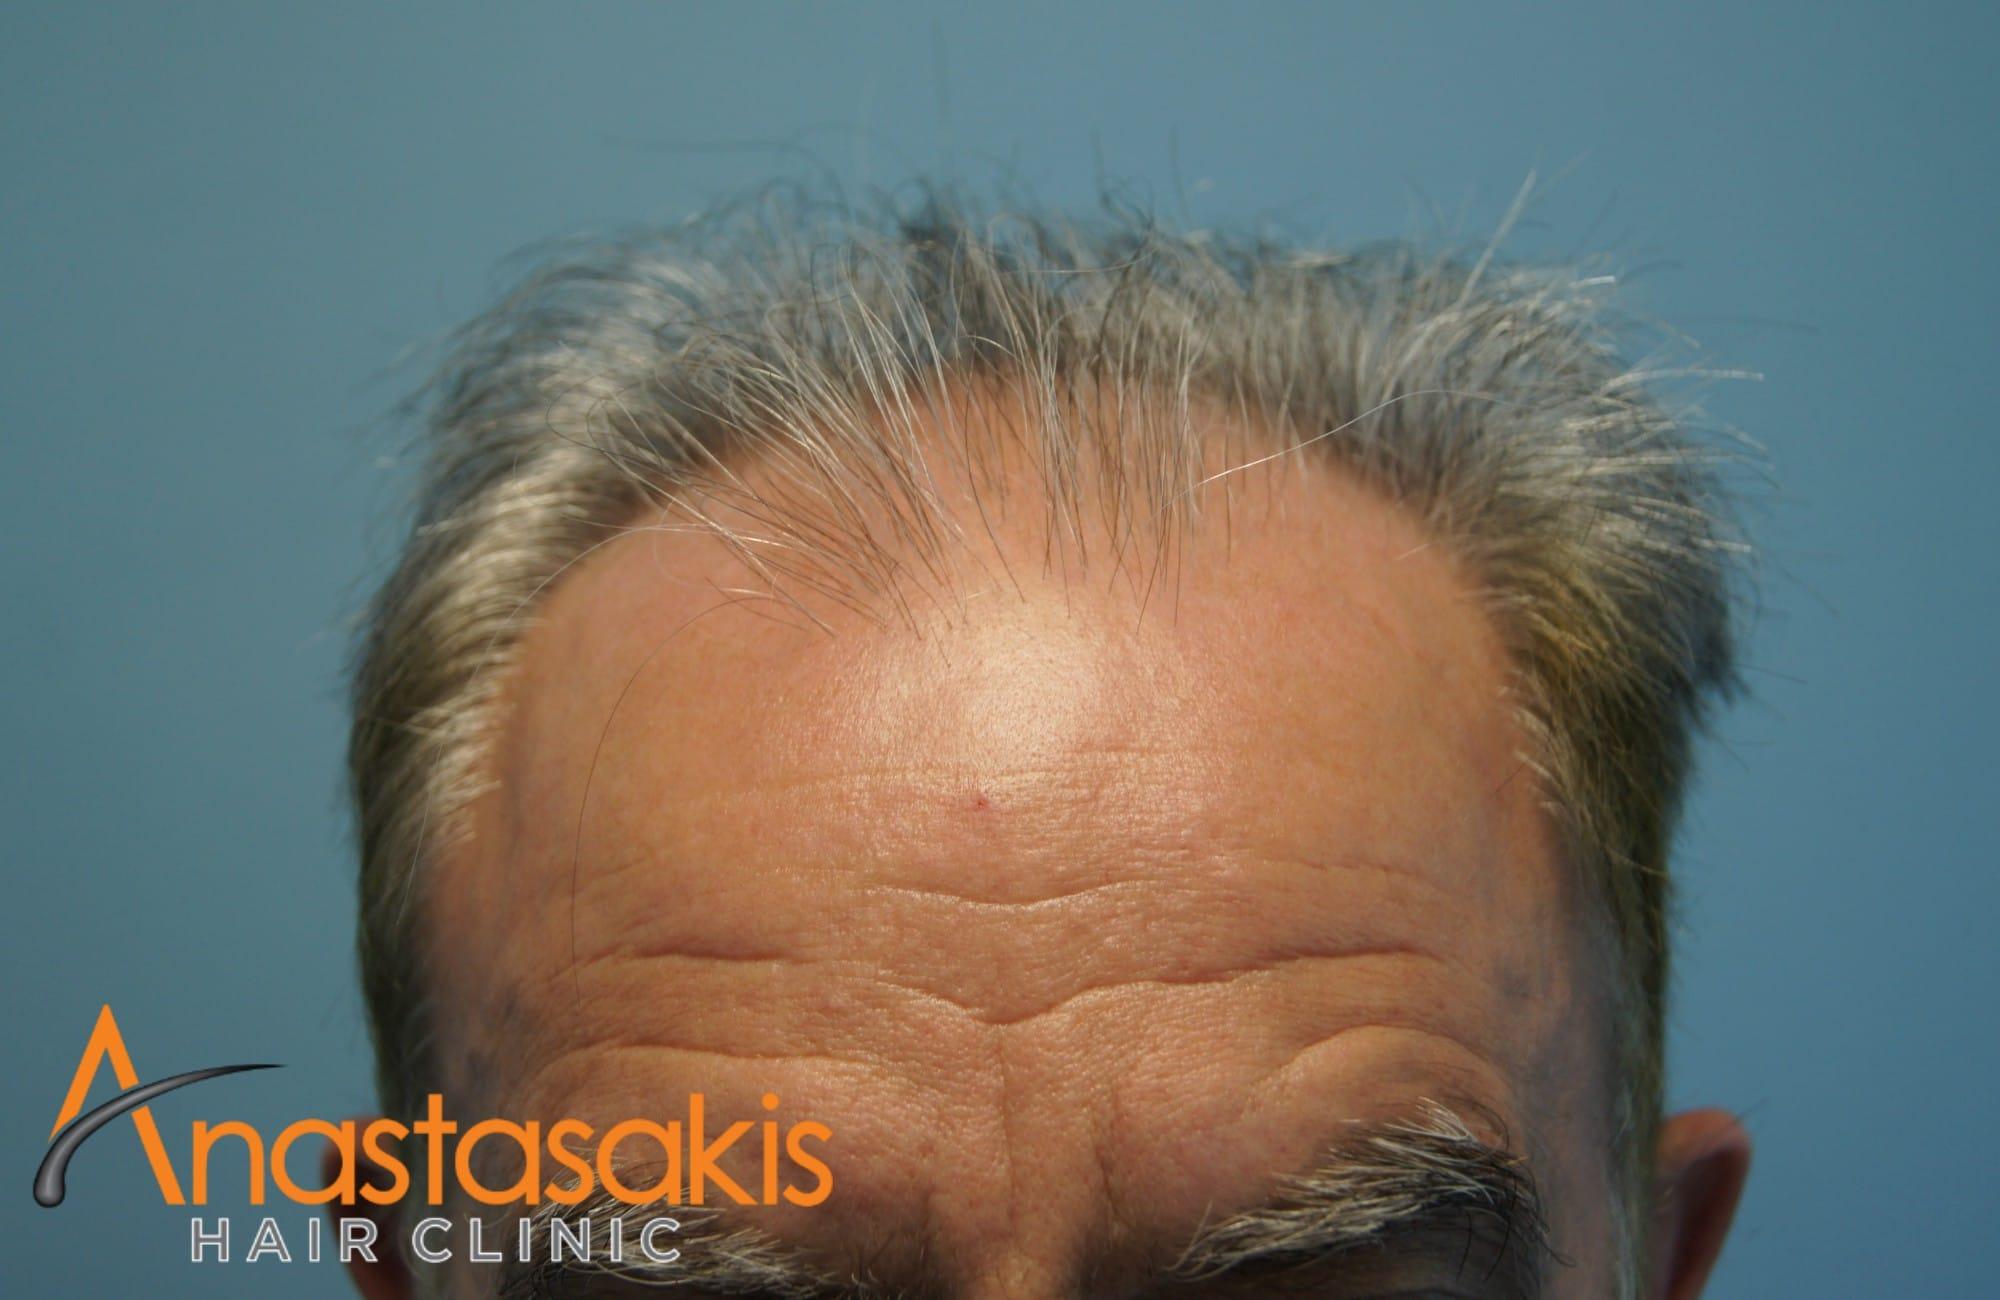 hairline ασθενους πριν τη μεταμοσχευση μαλλιων με 3650 fus